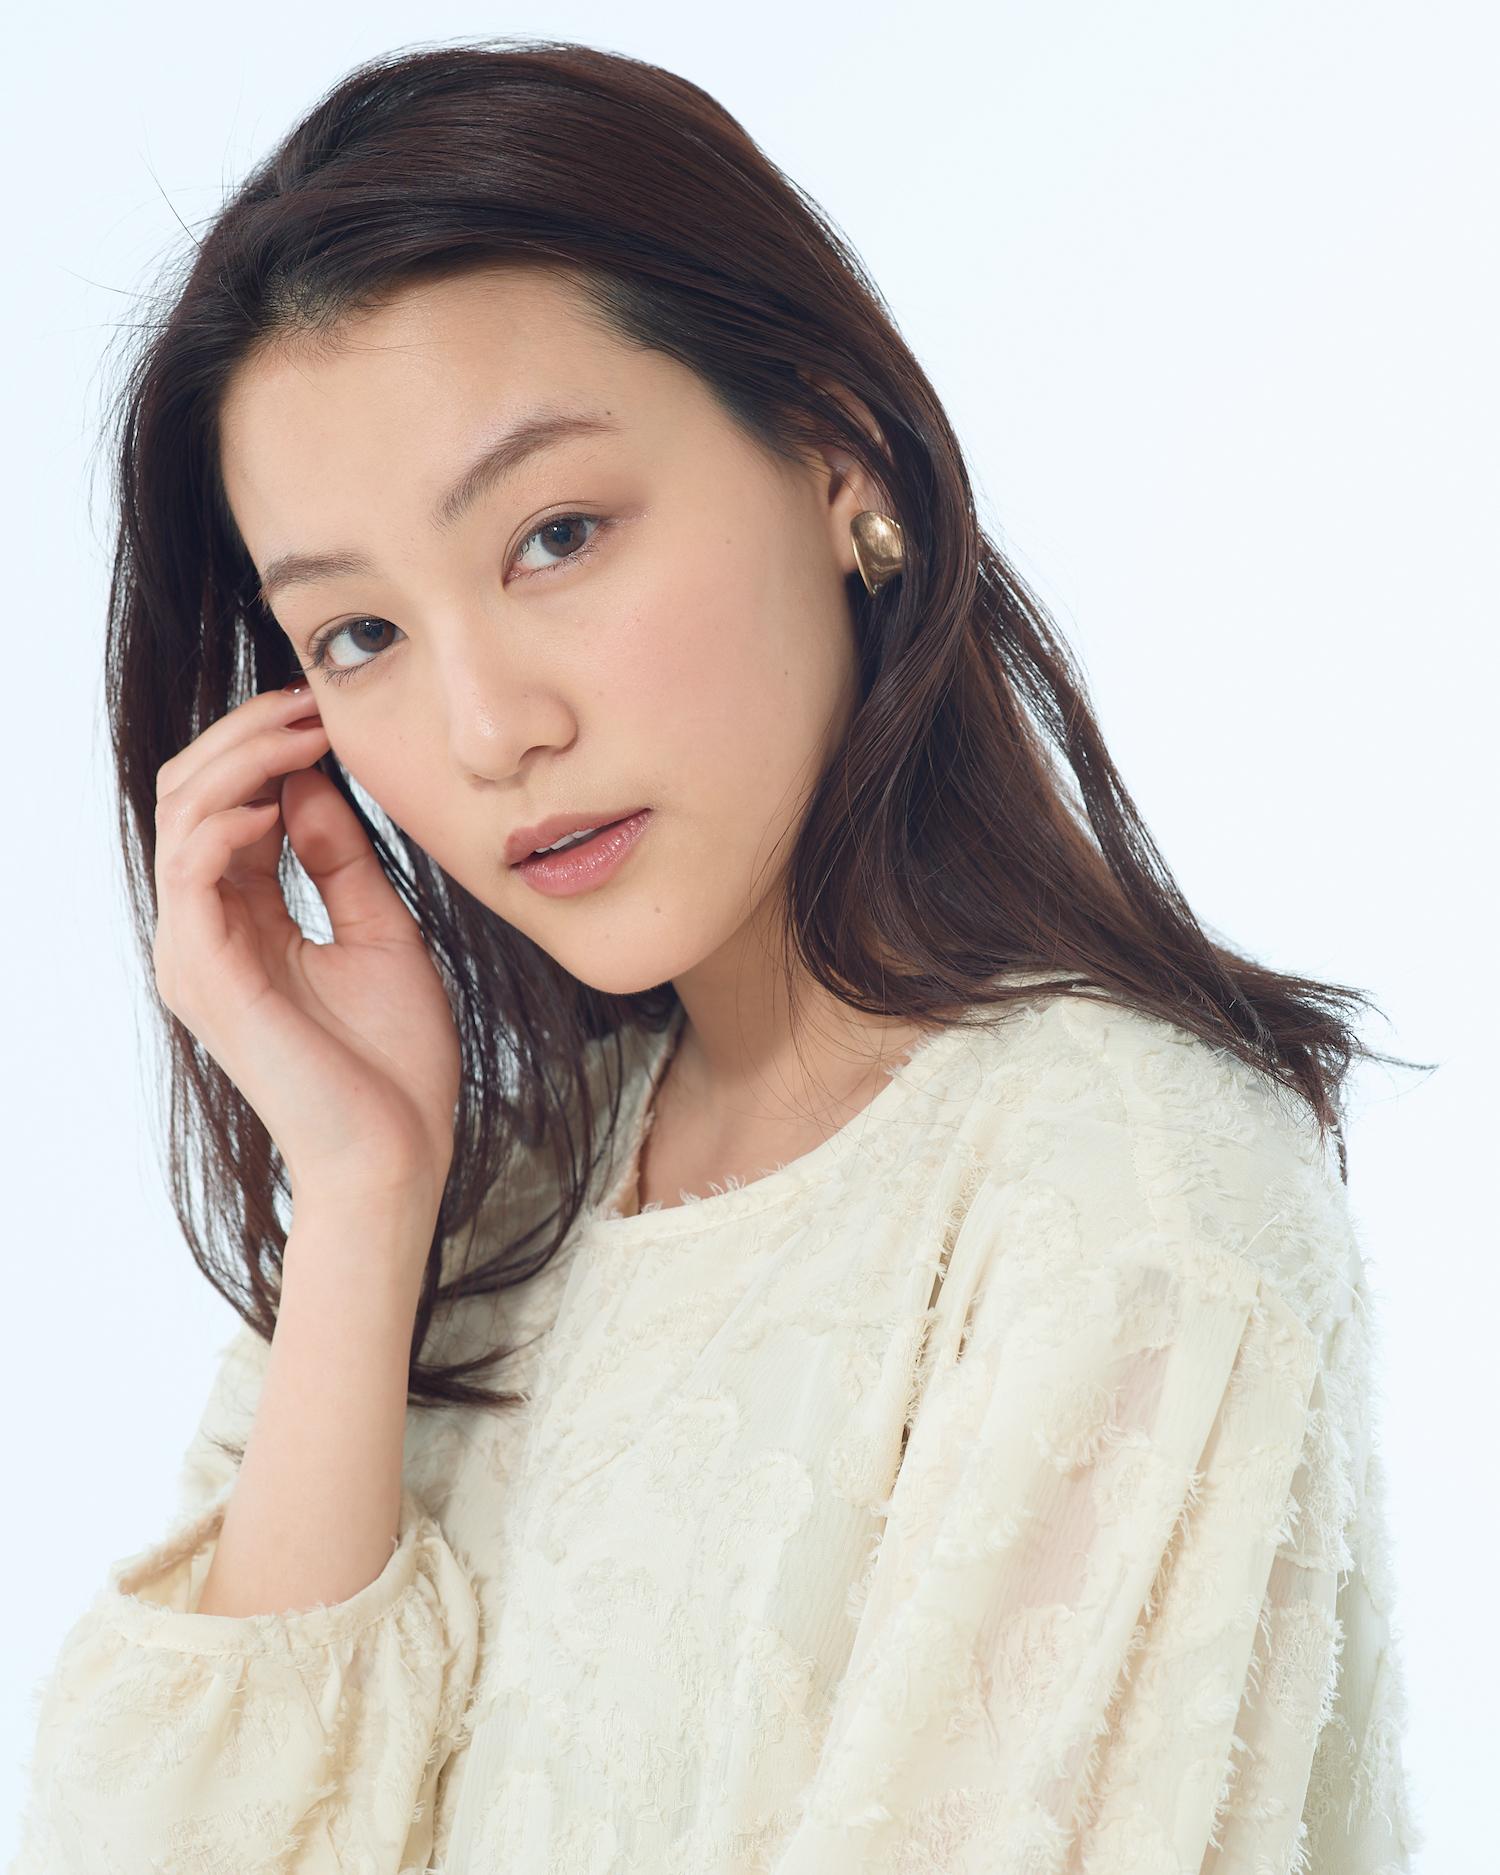 花山瑞貴(ハナヤマ ミズキ)